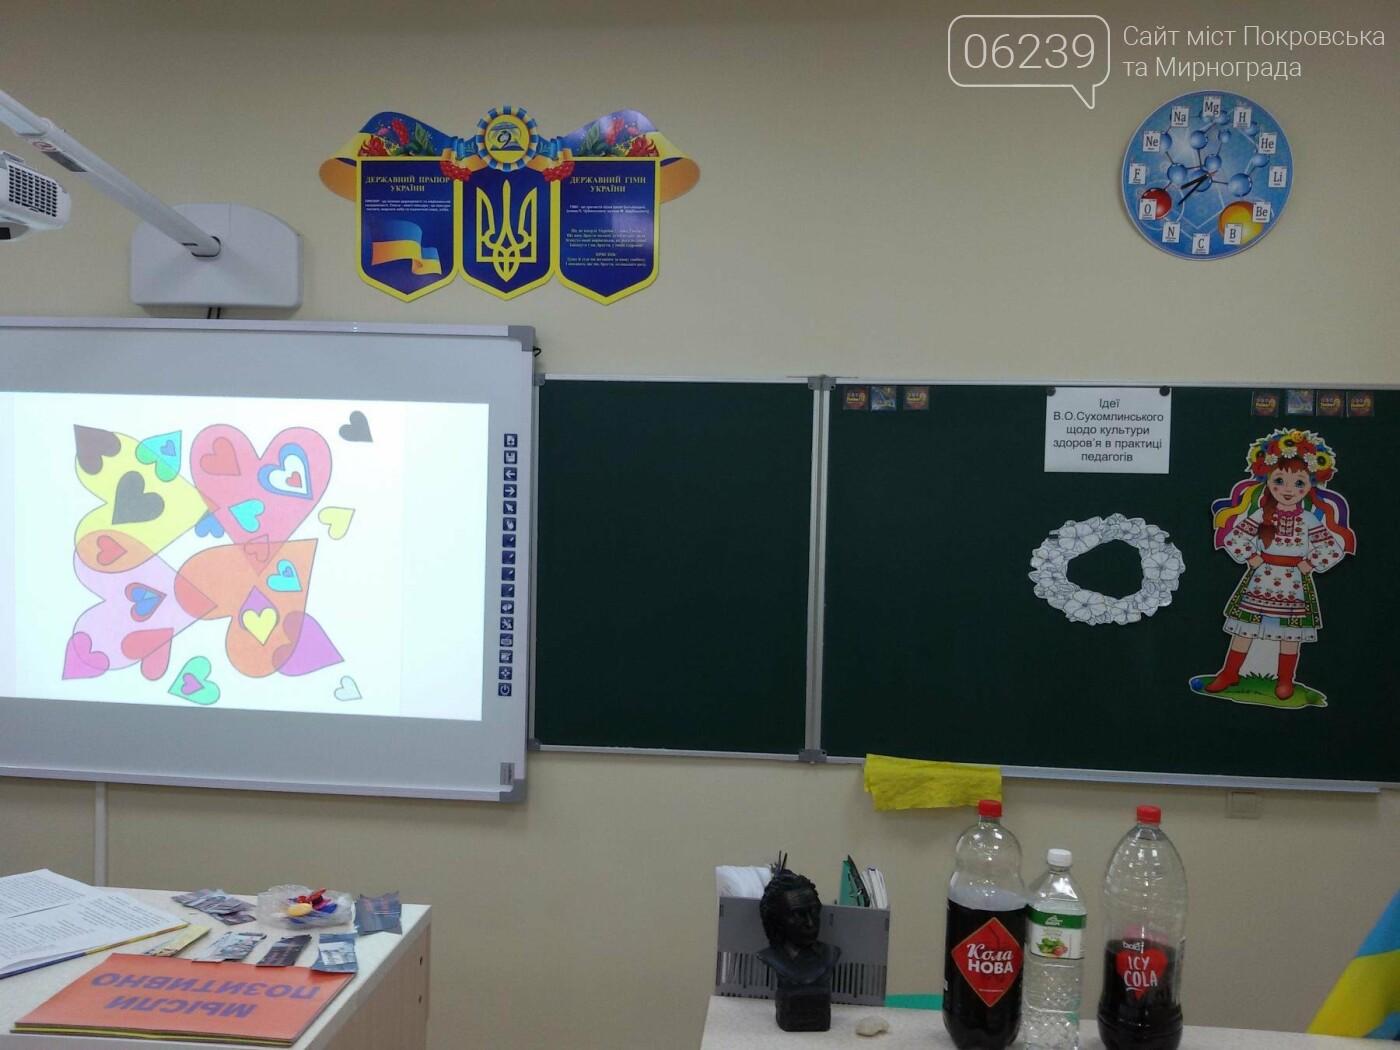 В Покровской опорной школе №9 прошел семинар-практикум по здоровьесбережению, фото-4